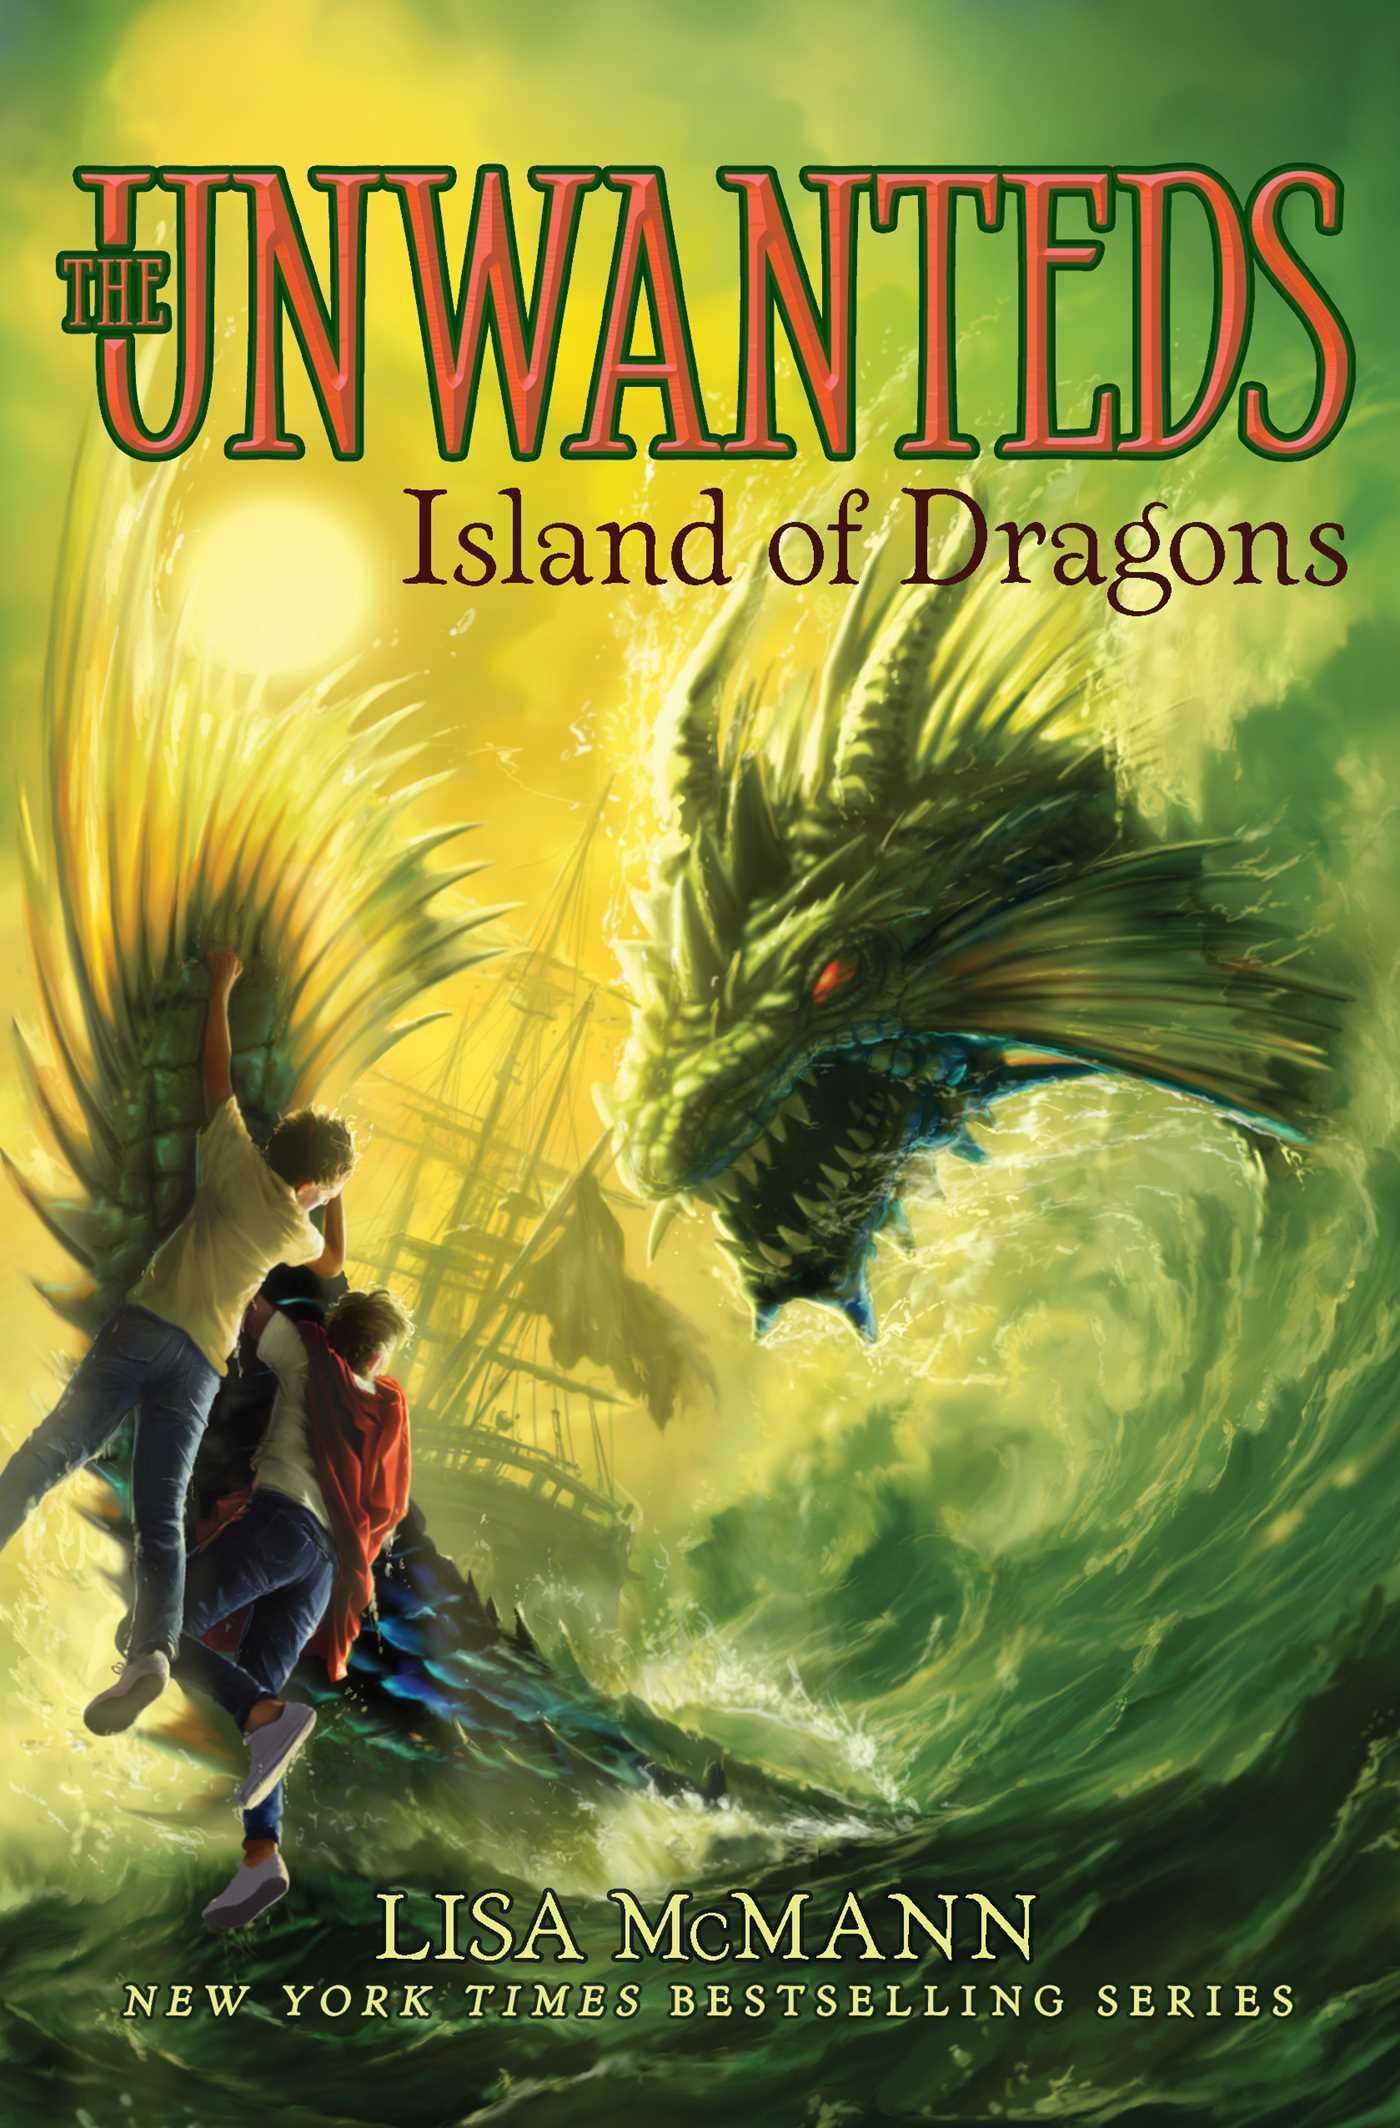 Island of dragons 9781442493377 hr